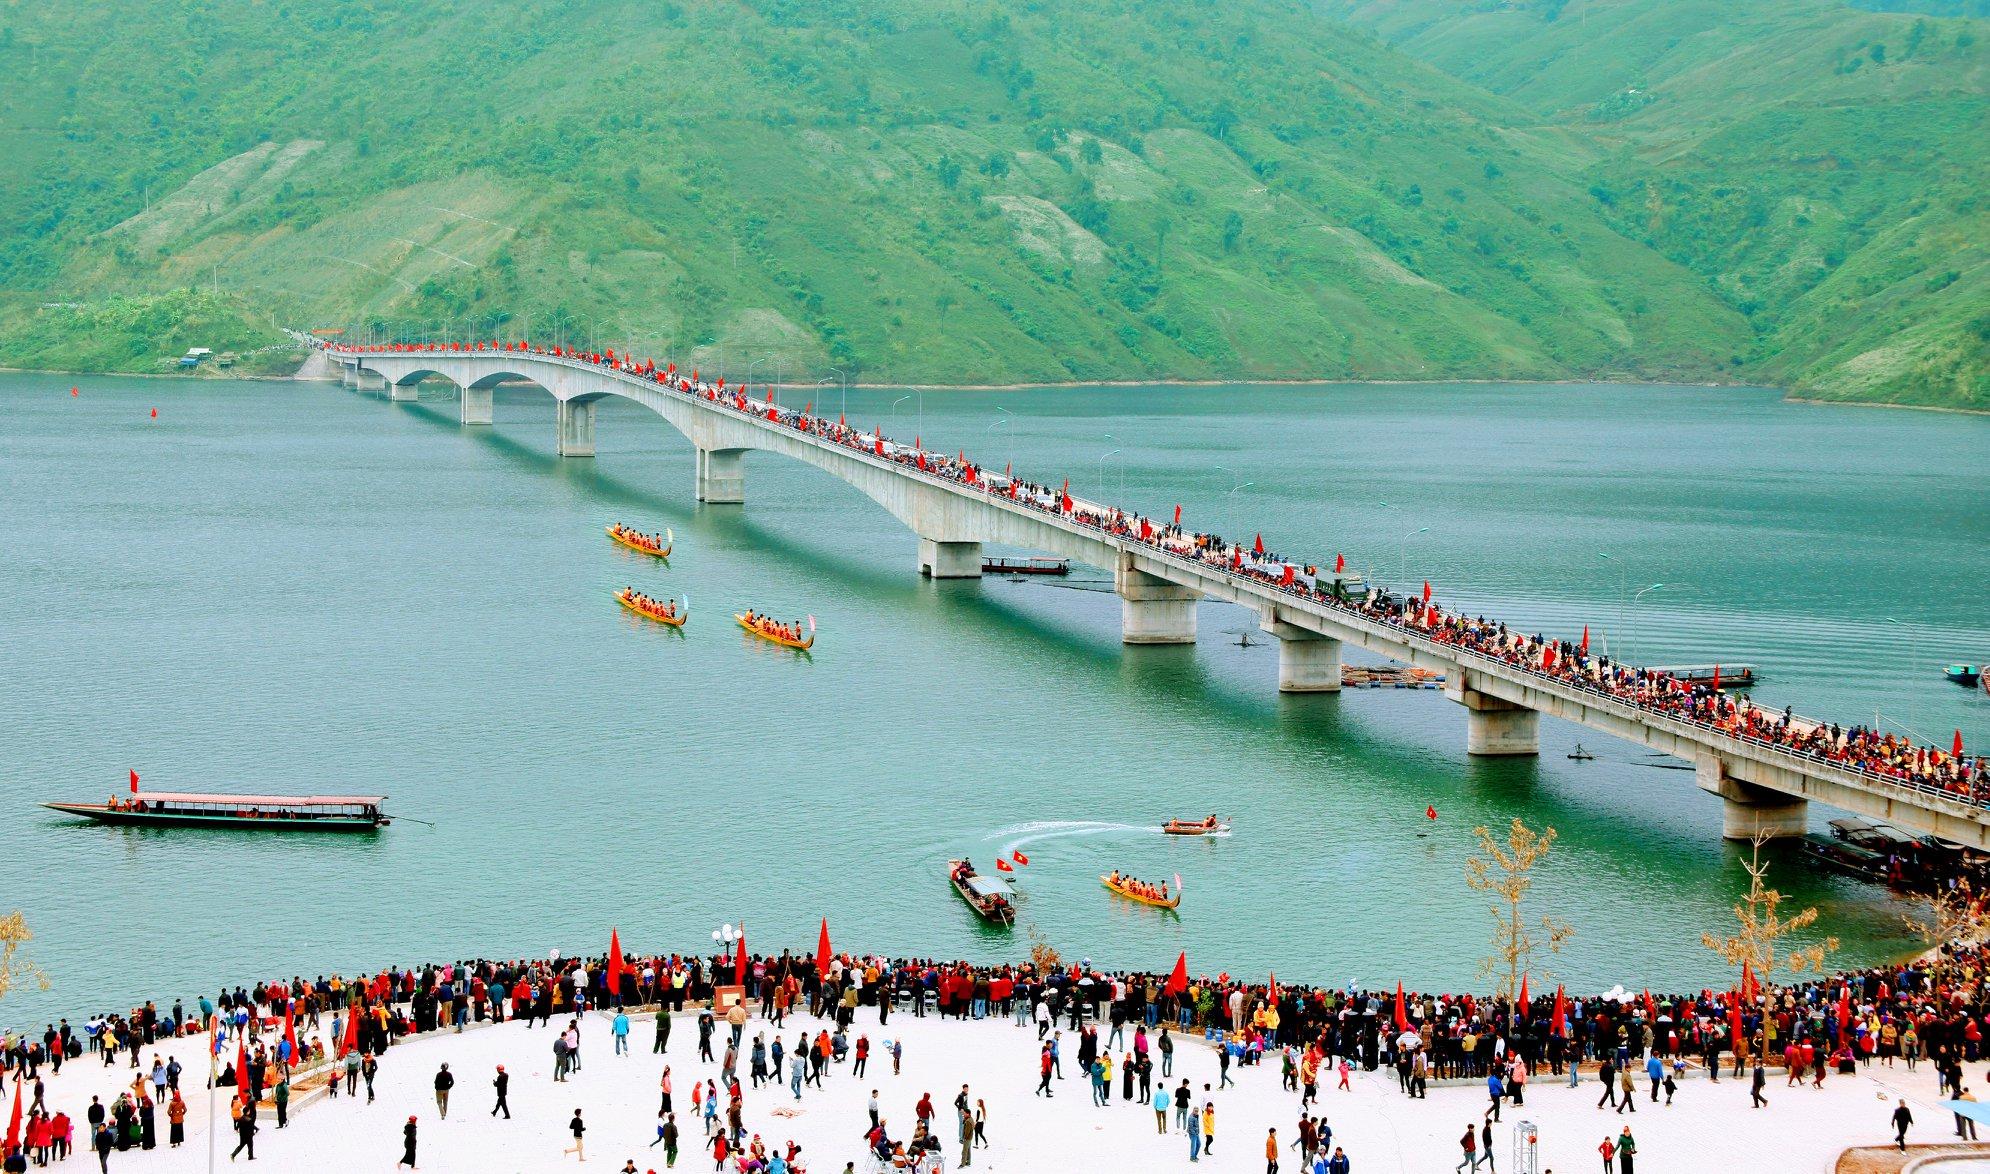 Cầu Pá Uôn mỗi dịp có lễ hội. Hình: Sưu tầm